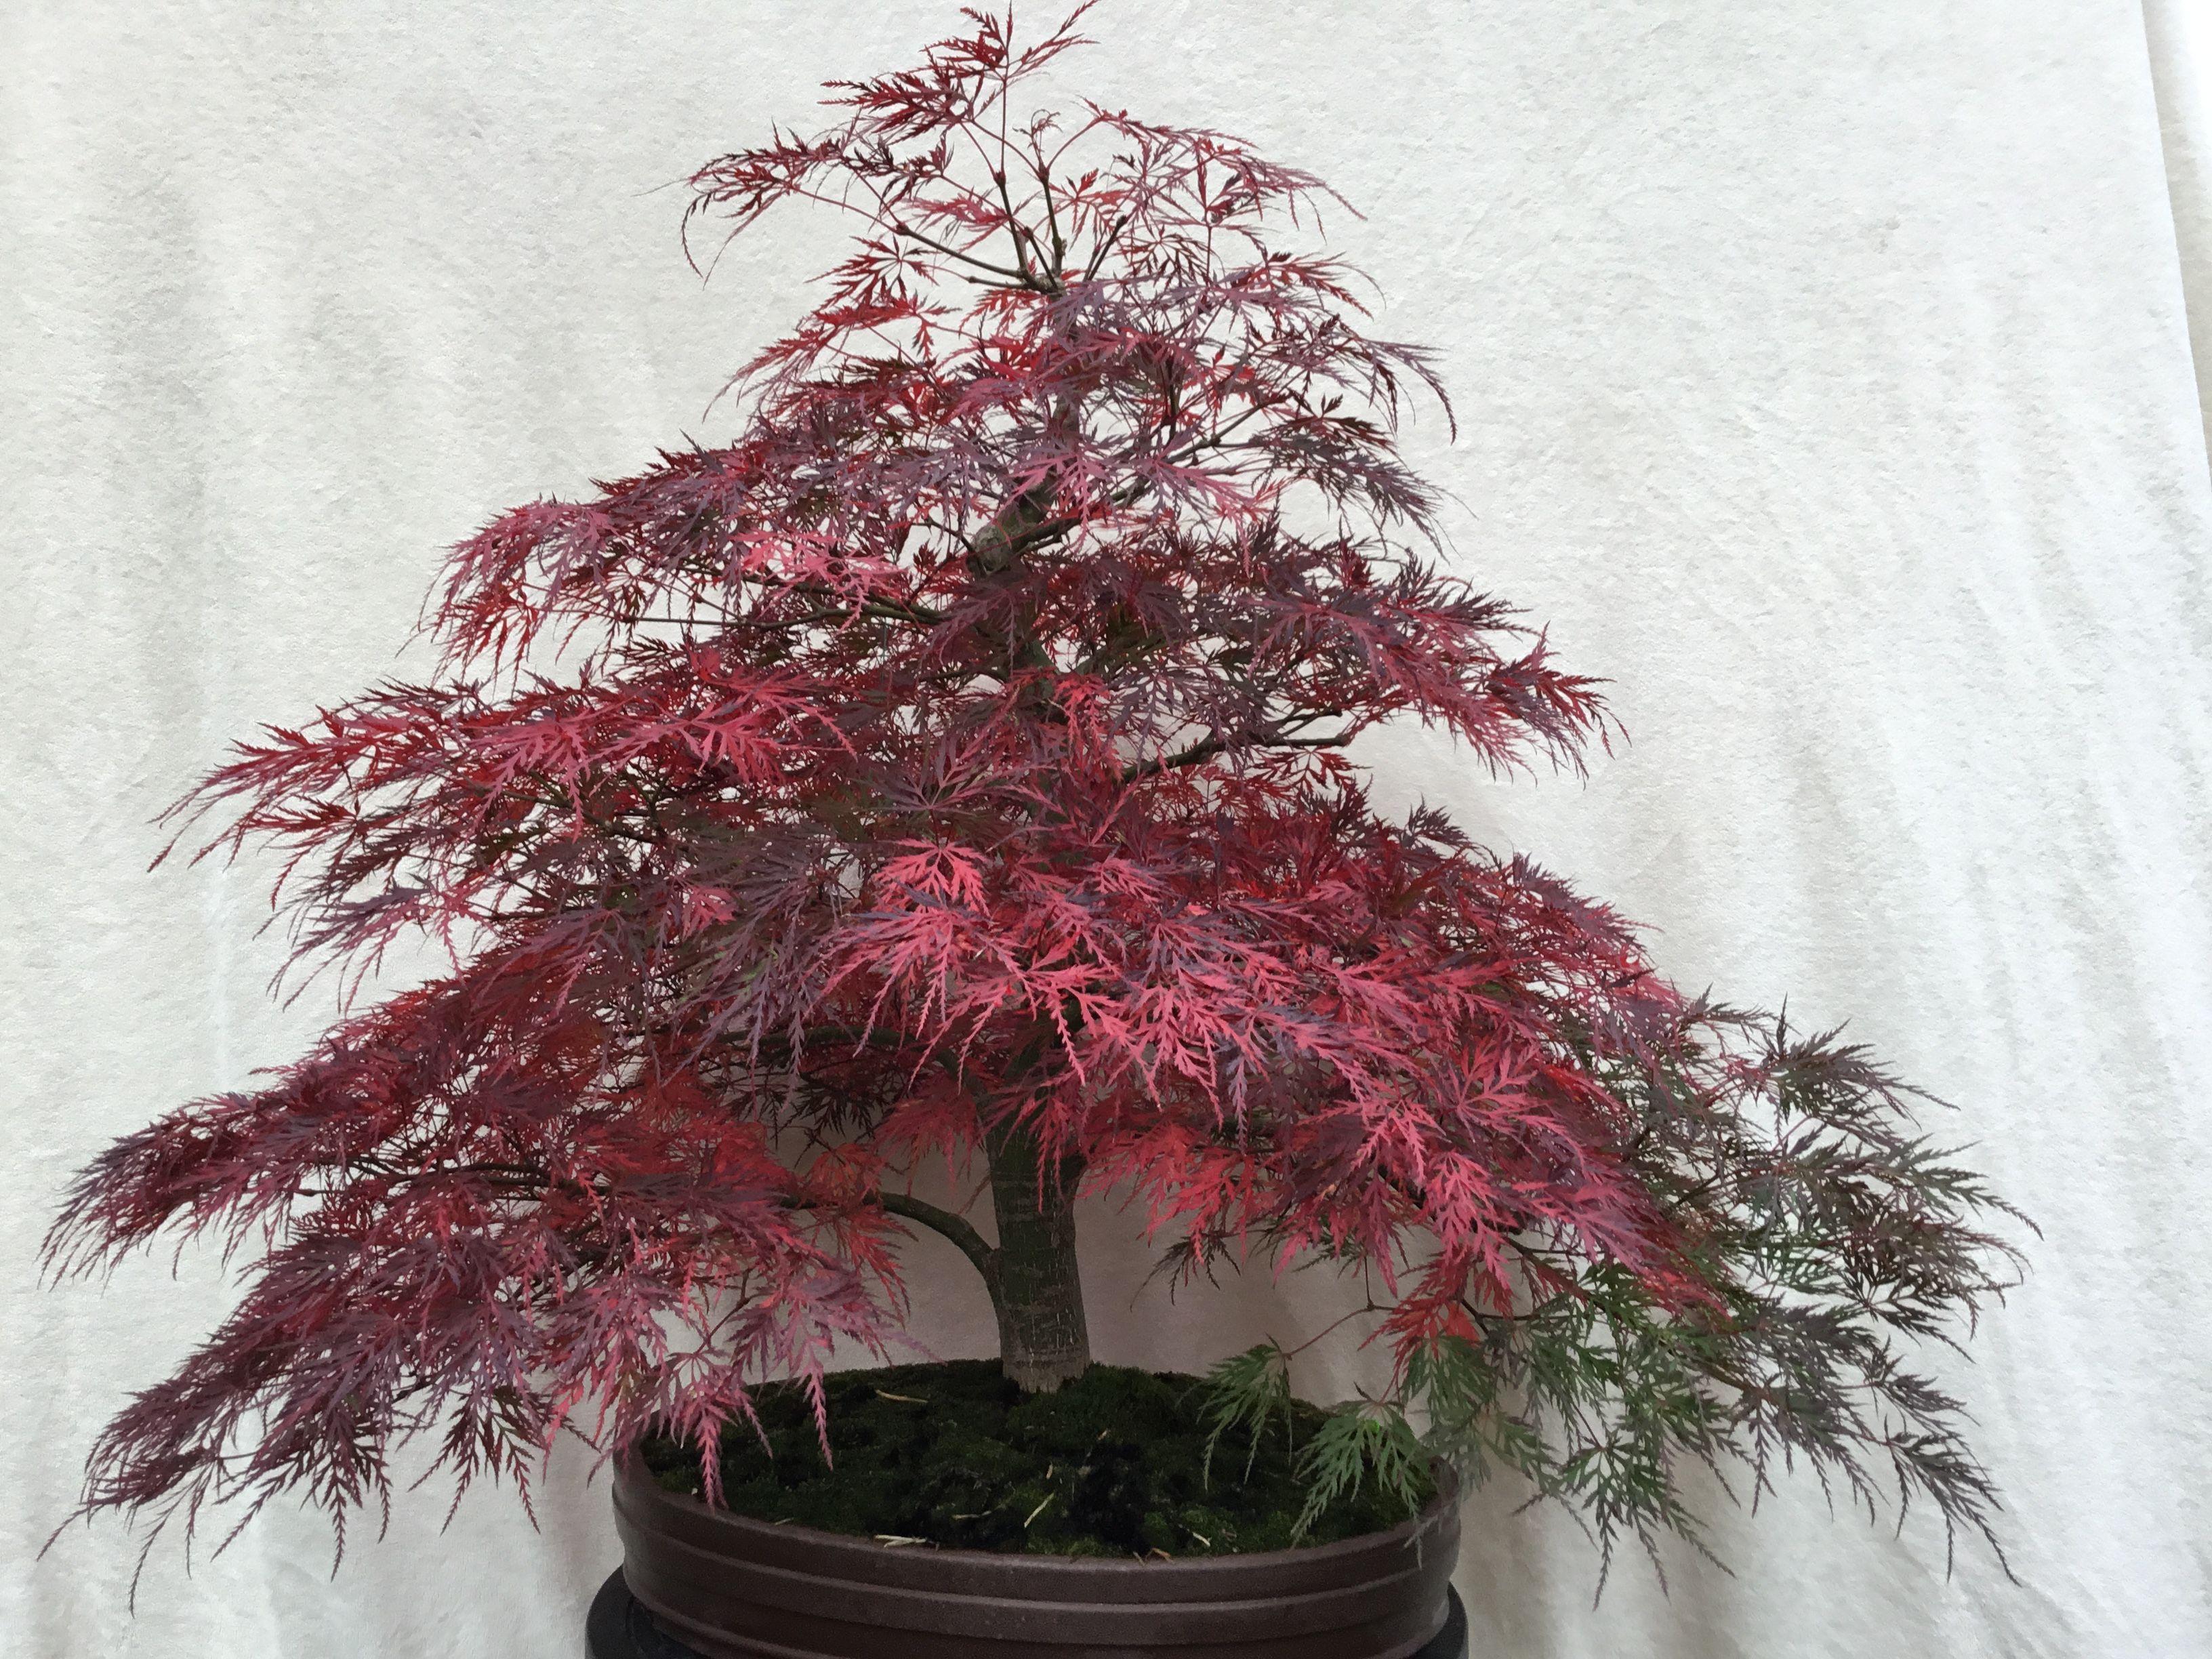 Acer Ahorn Bonsai Bonsai Baum Bonsai Und Baum